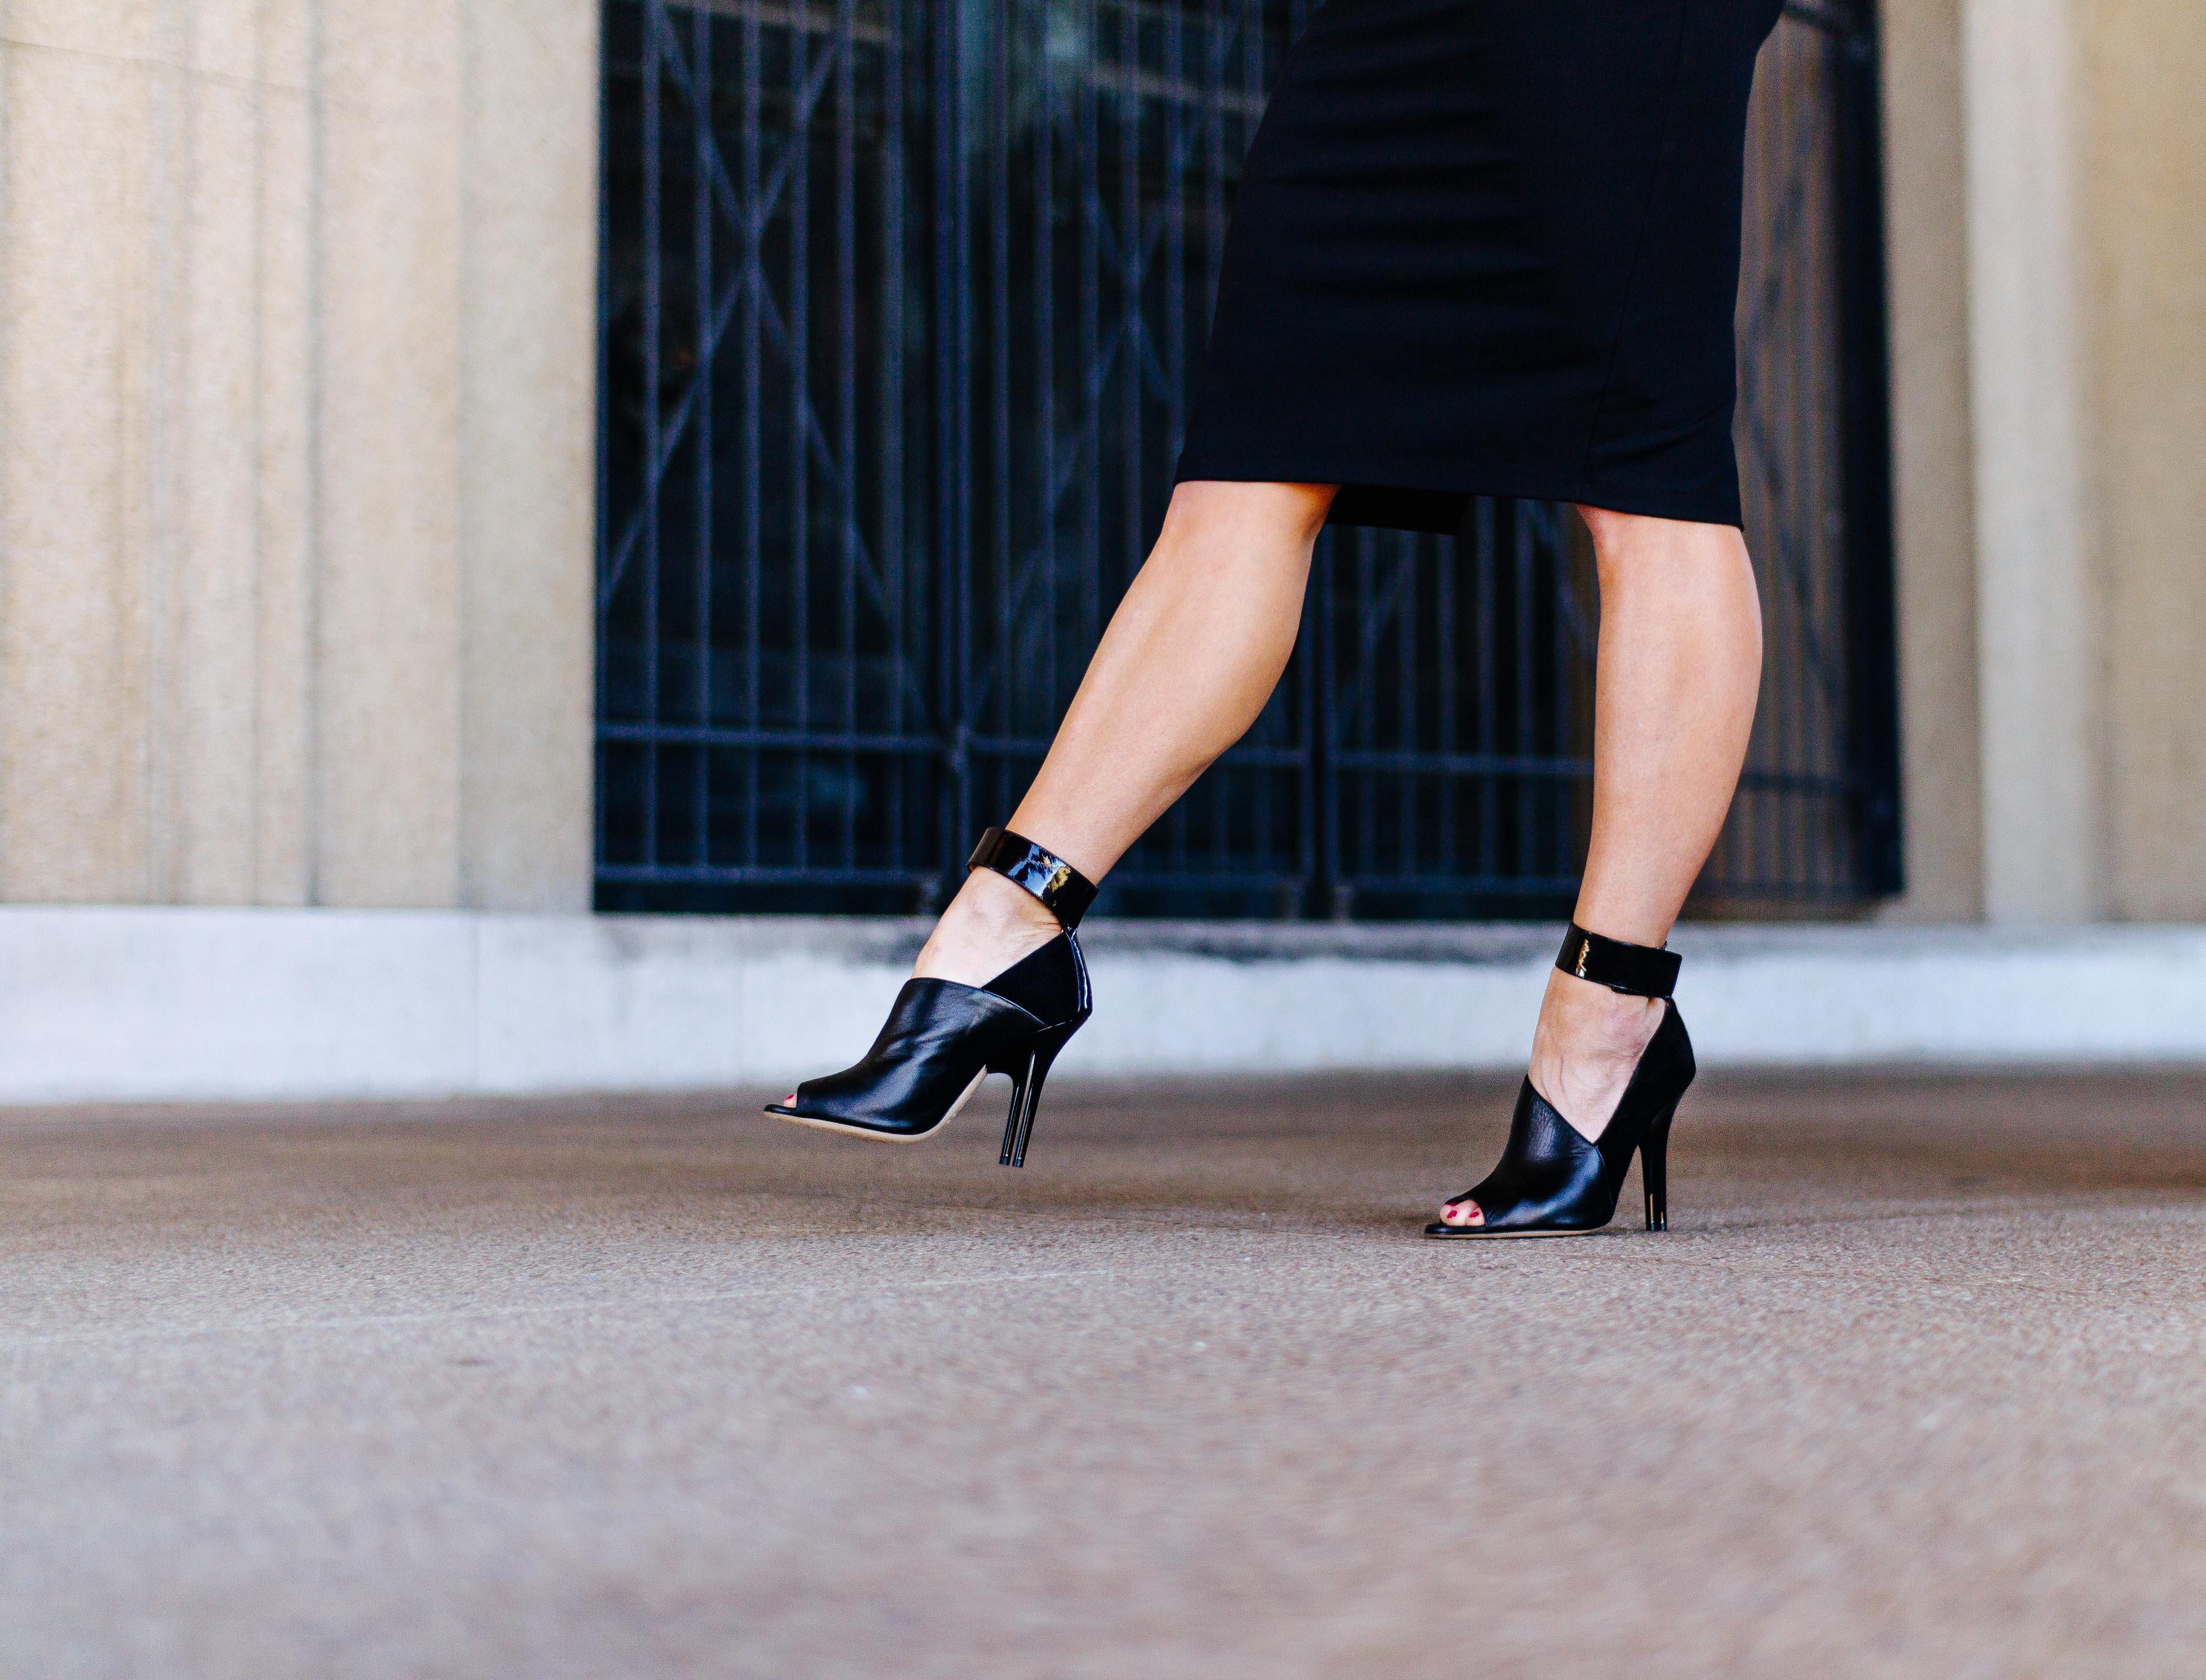 かかとの高い靴でスタイルアップしたら街に繰り出しましょう!のサムネイル画像